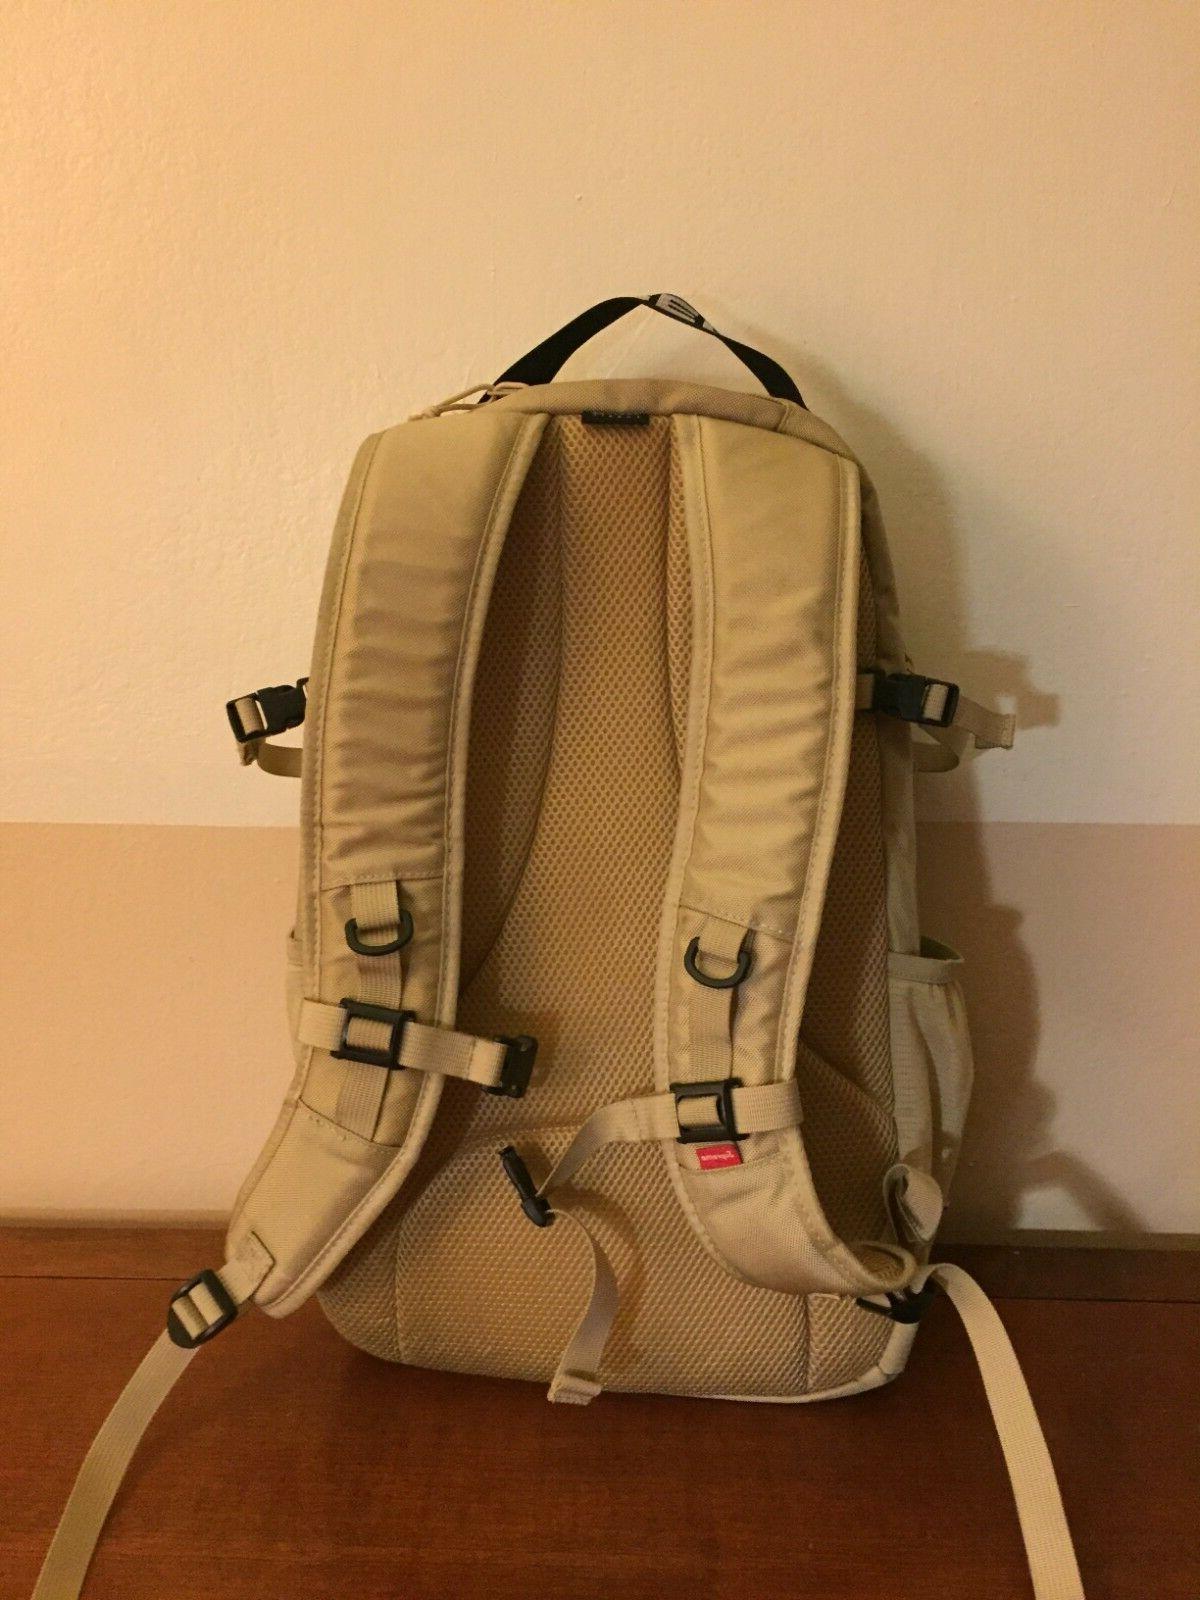 Supreme Backpack BOX LOGO BAG SHOULDER WAIST REFLECTIVE